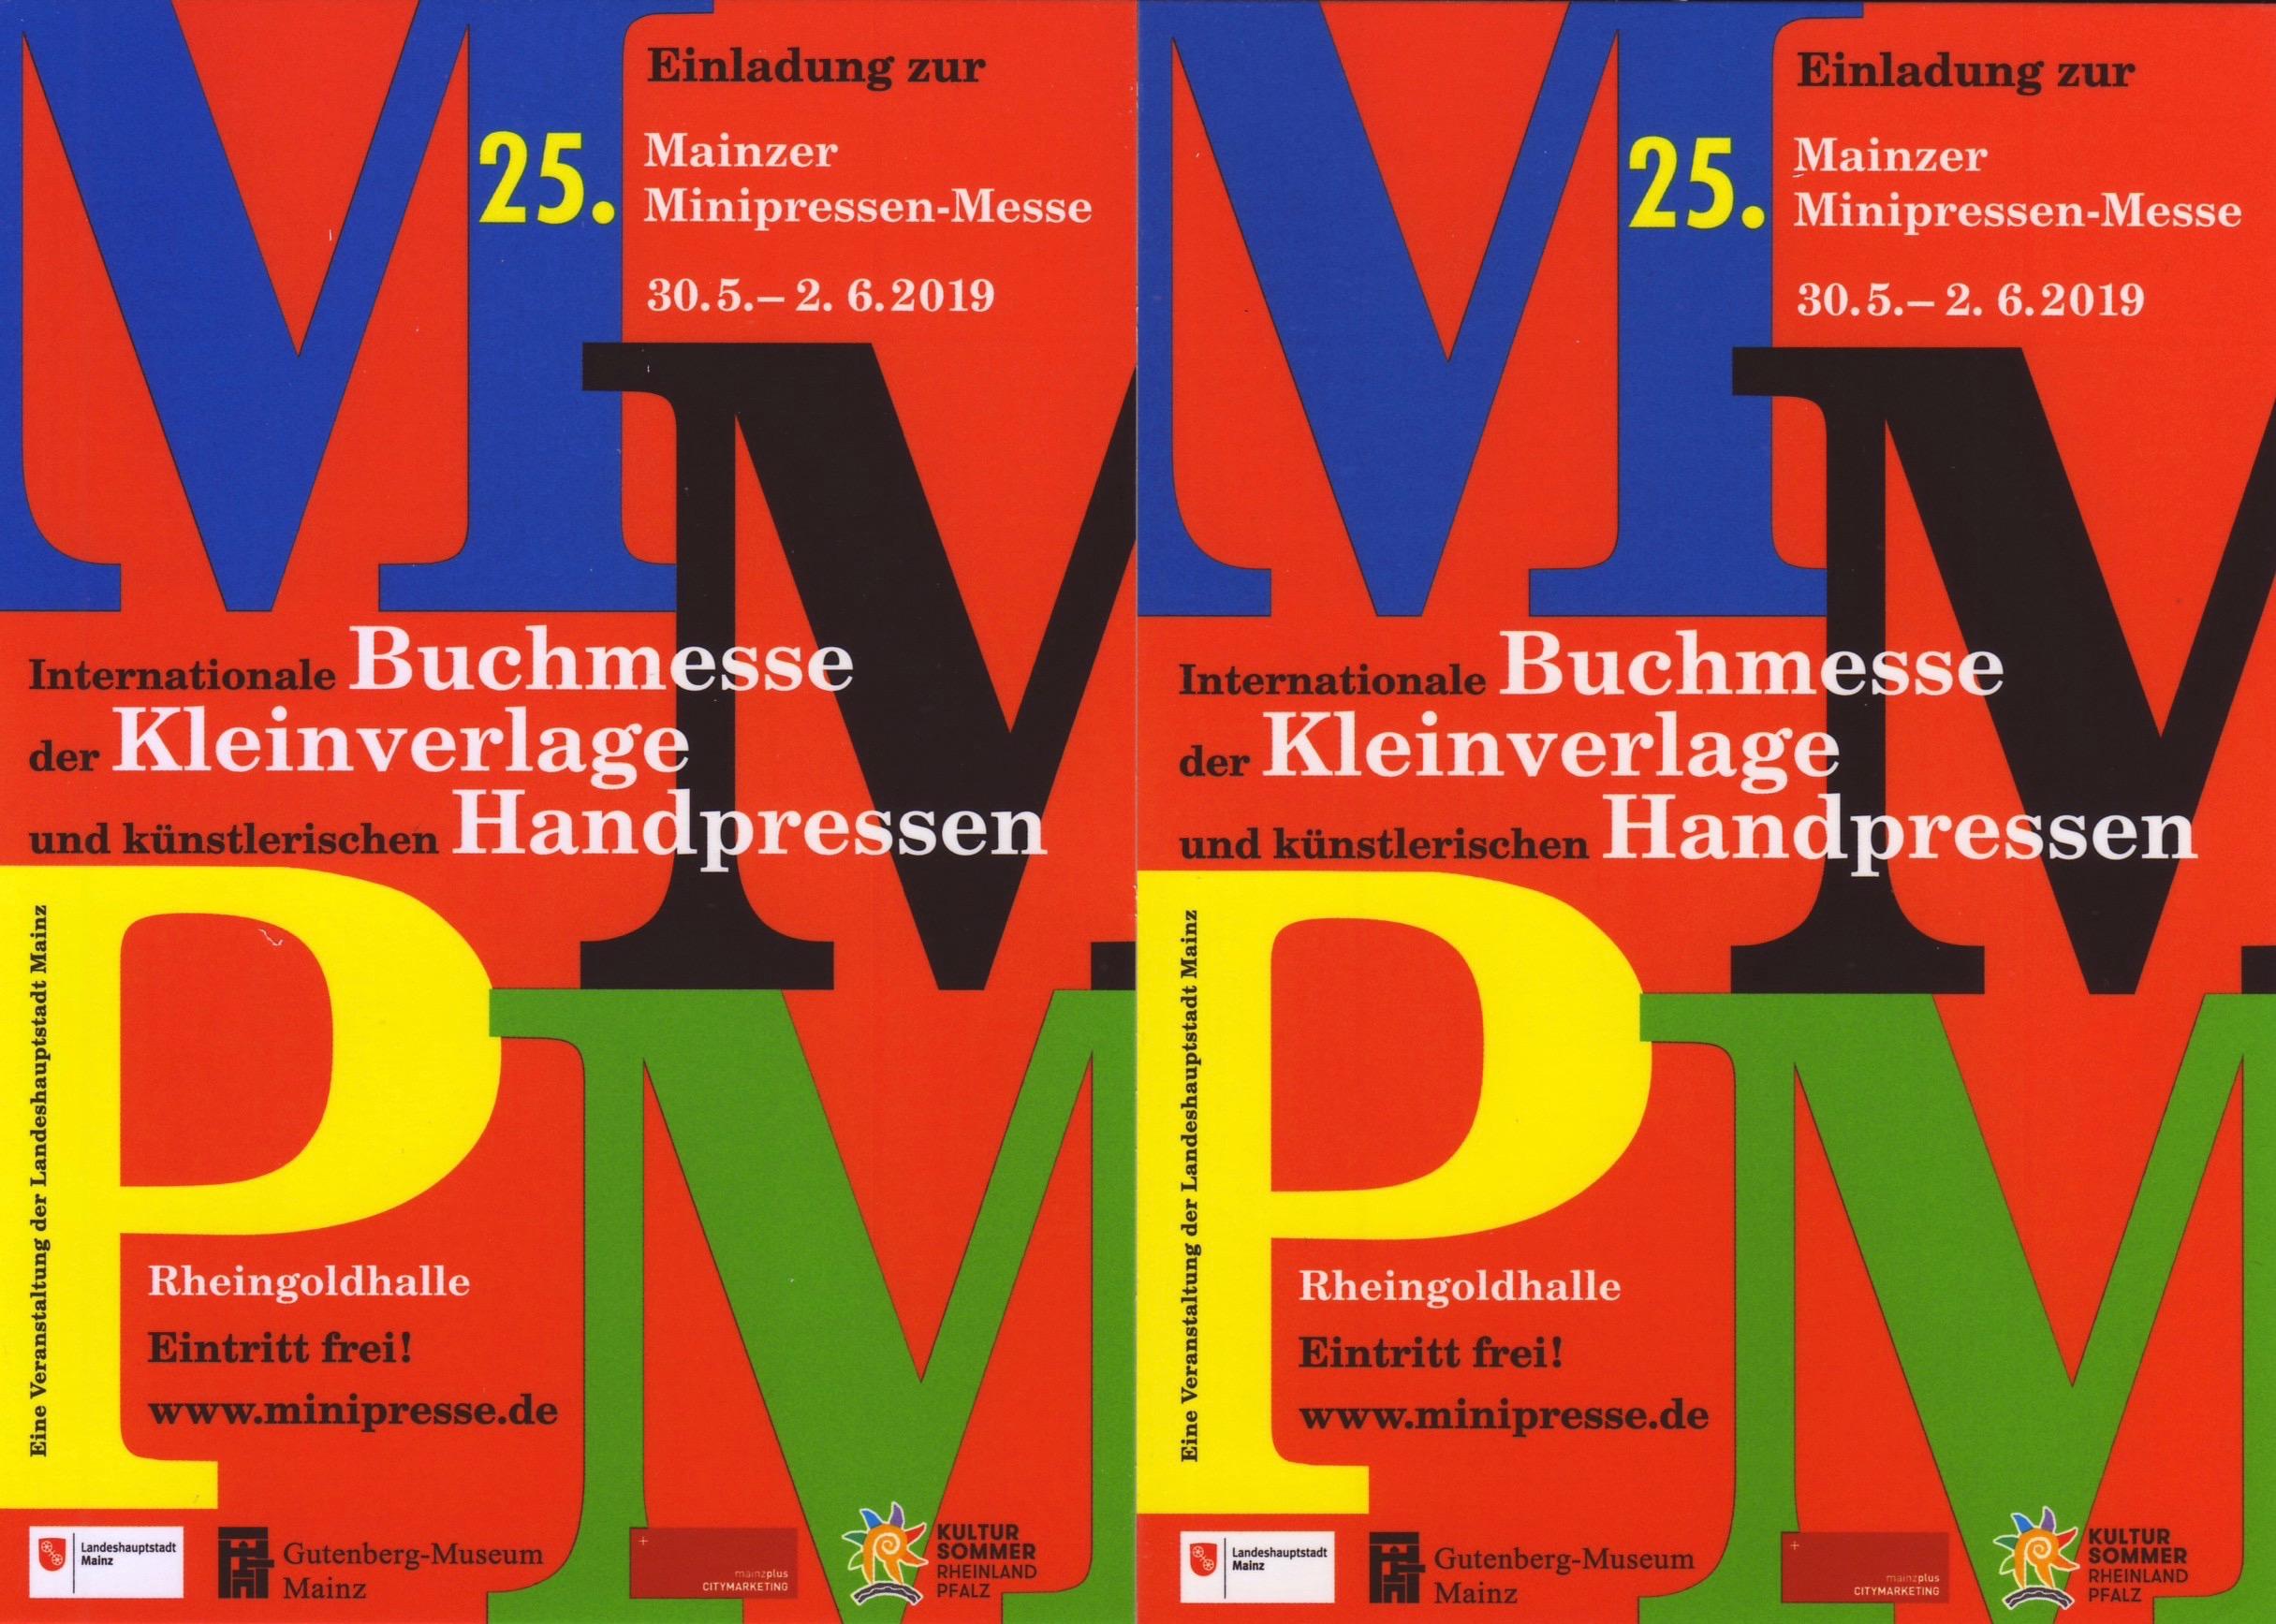 25. Mainzer Minipressen-Messe